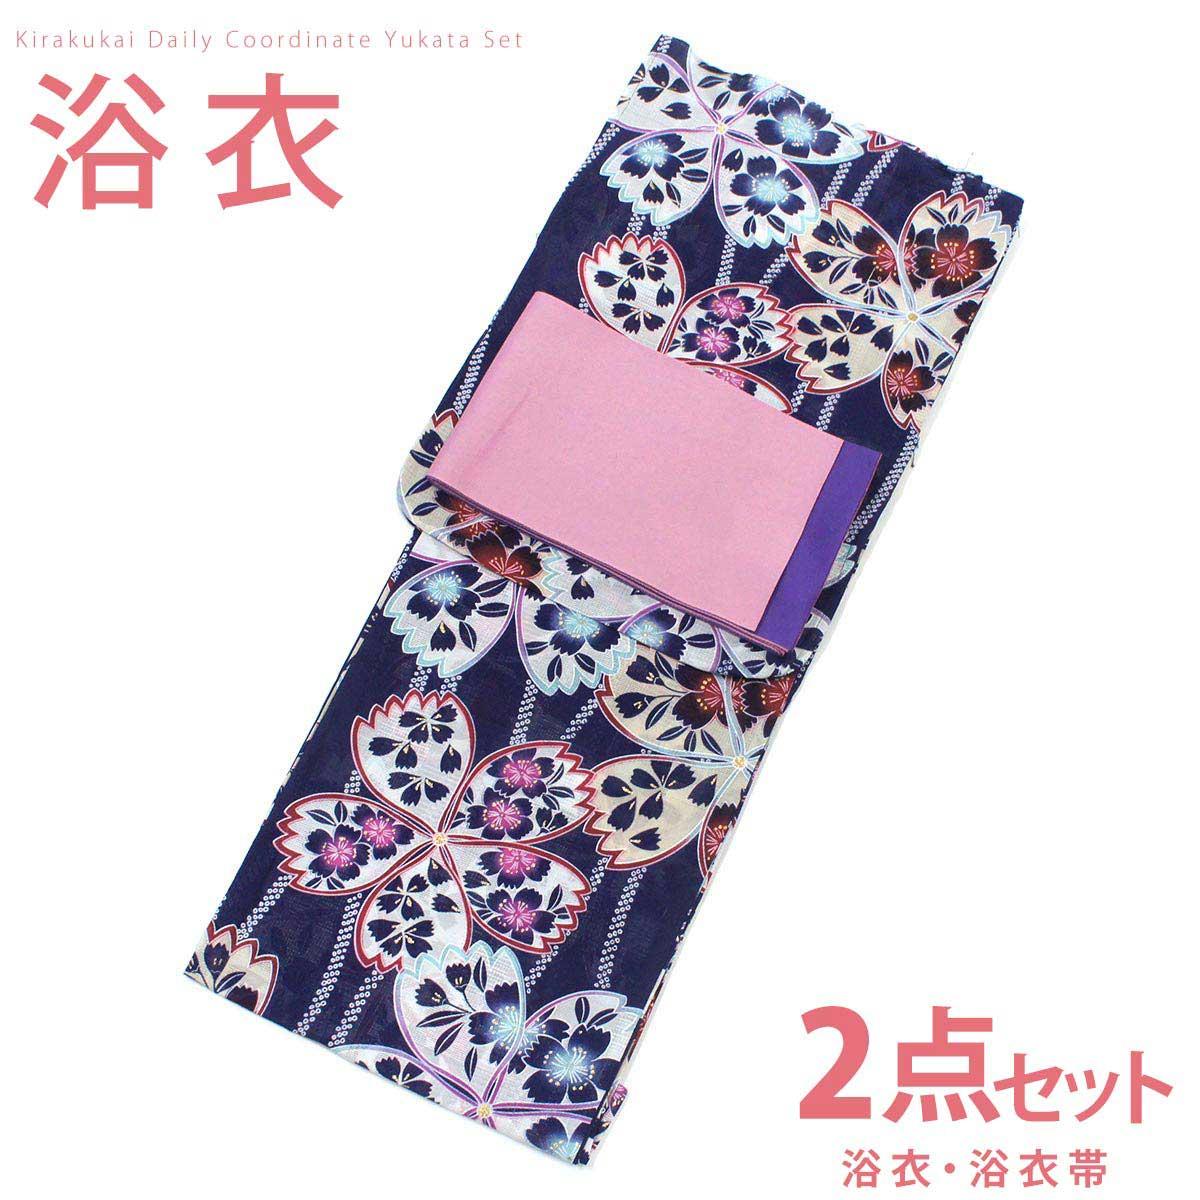 ■レディース 浴衣 2点 セット Fサイズ 古典桜(紺)の浴衣、ピンク紫×紫の単衣帯 [y0852] ゆかた 変わり織り セット コーディネート 帯 【RCP】